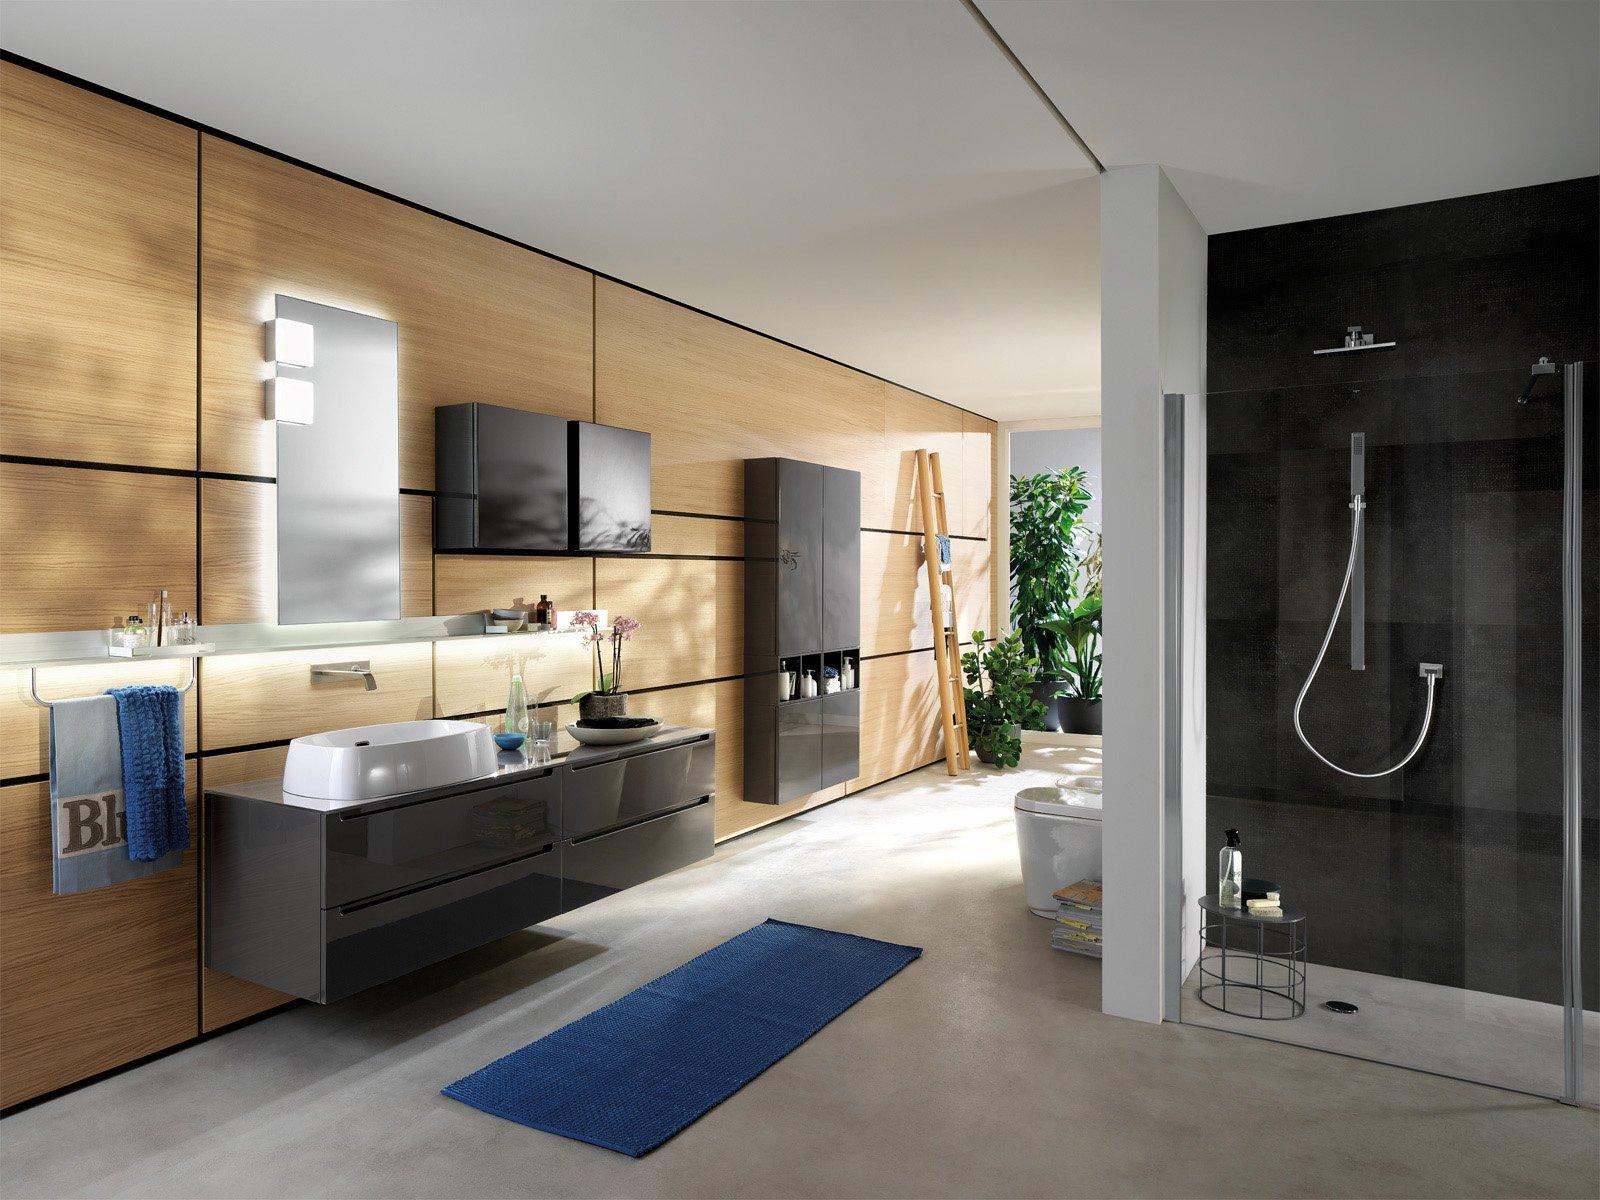 Bagno con doccia passante ~ avienix.com for .